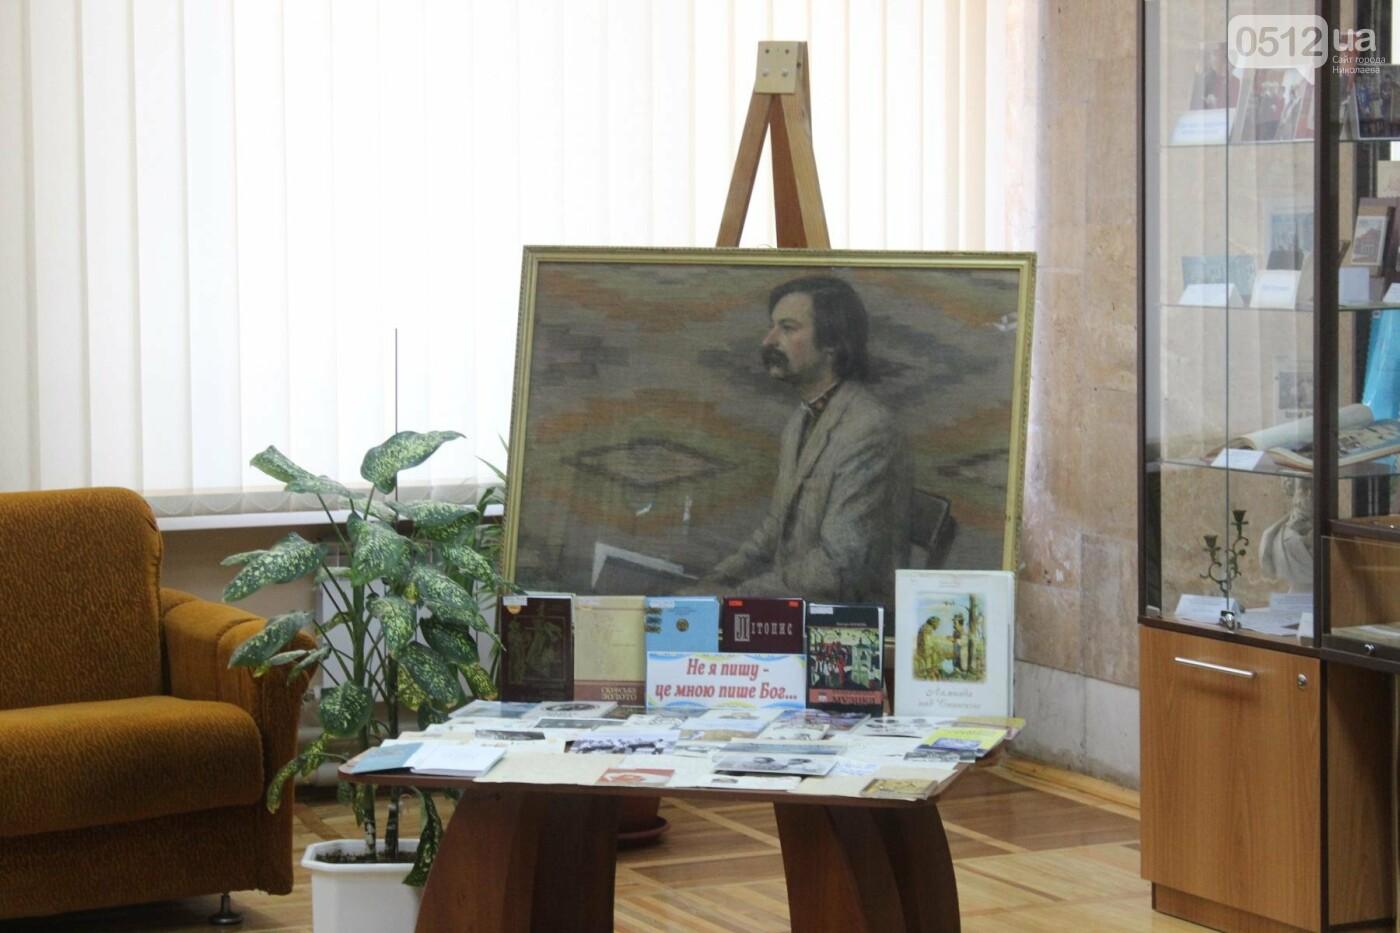 Пиво и котики: в Николаеской библиотеке состоялось литературное ревью, - ФОТО, фото-19